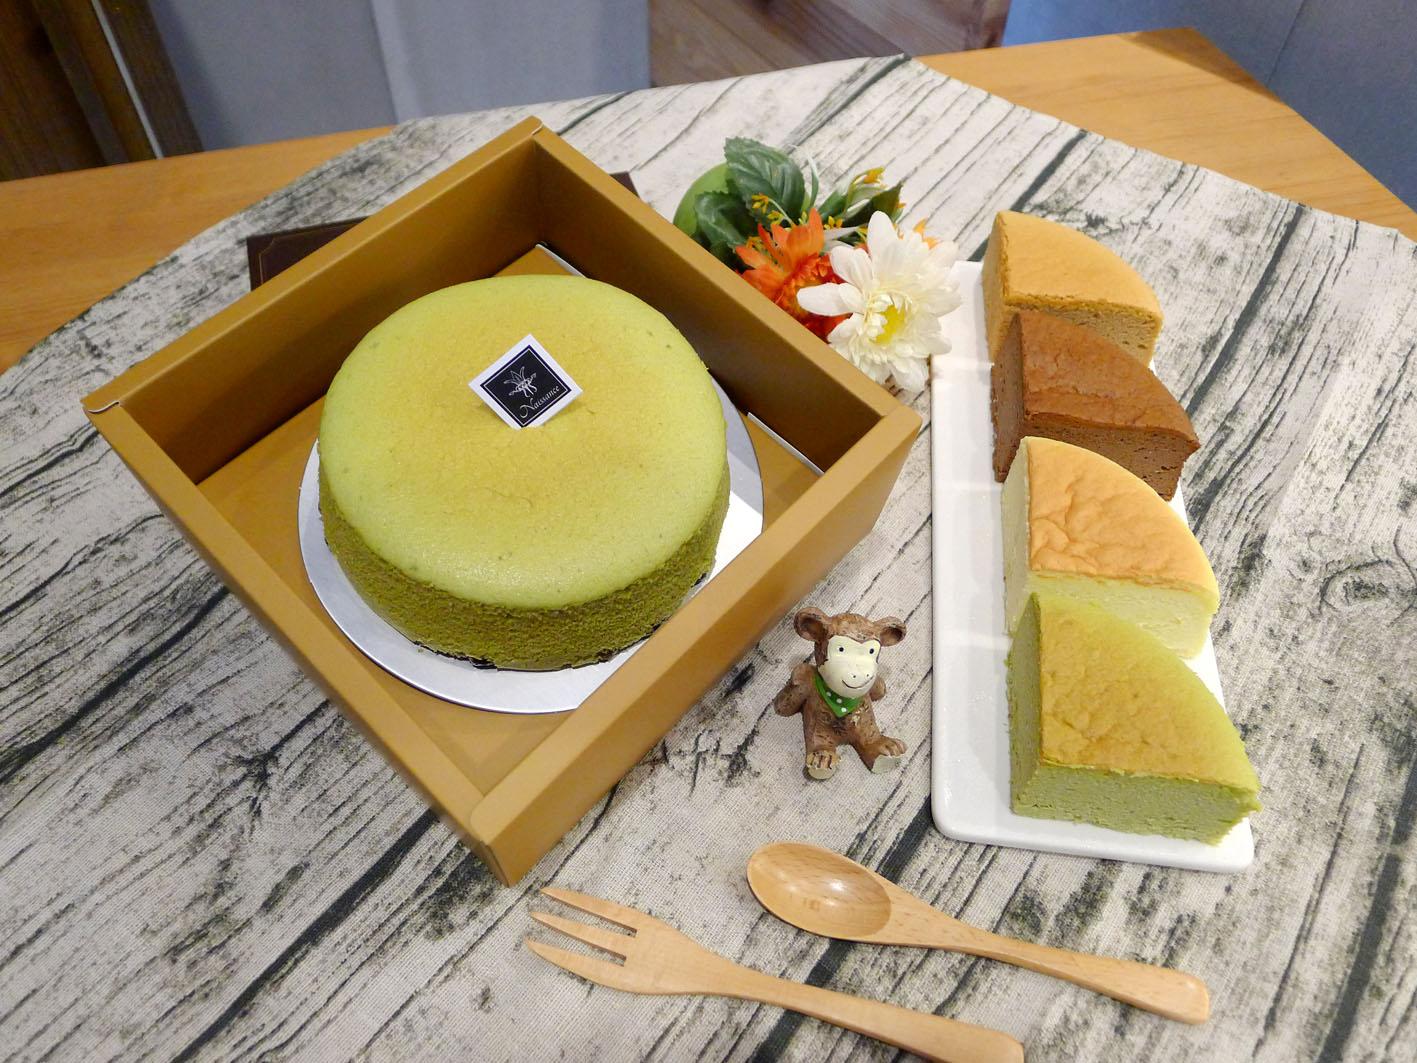 【輕。乳酪】六吋蛋糕│蛋奶素 原味/抹茶/巧克力/紅麴 軟綿綿像雲朵般的口感,蛋糕體細膩、輕盈、鬆軟又濕潤!280克±5%/盒 2